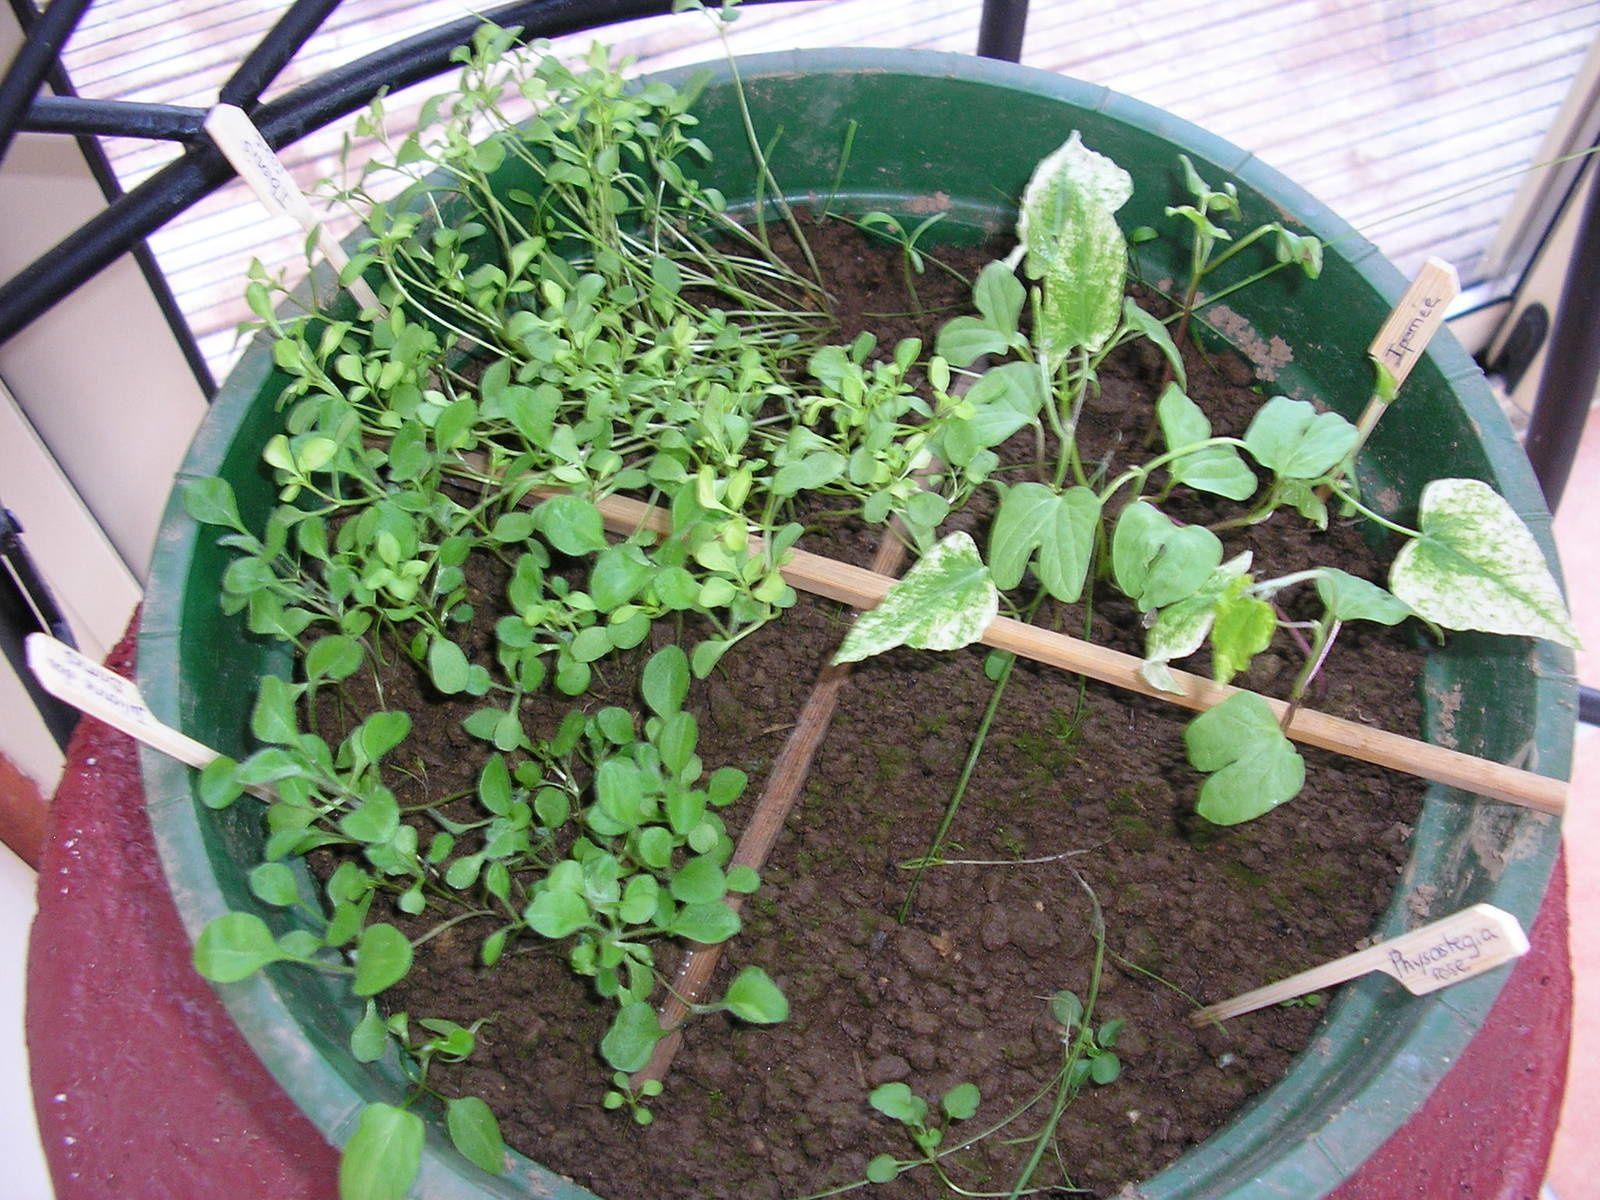 Les semis de tomates (cornue des Andes, noire de Crimée, marmande, ananas et tomates cerises), coriandre, basilic...